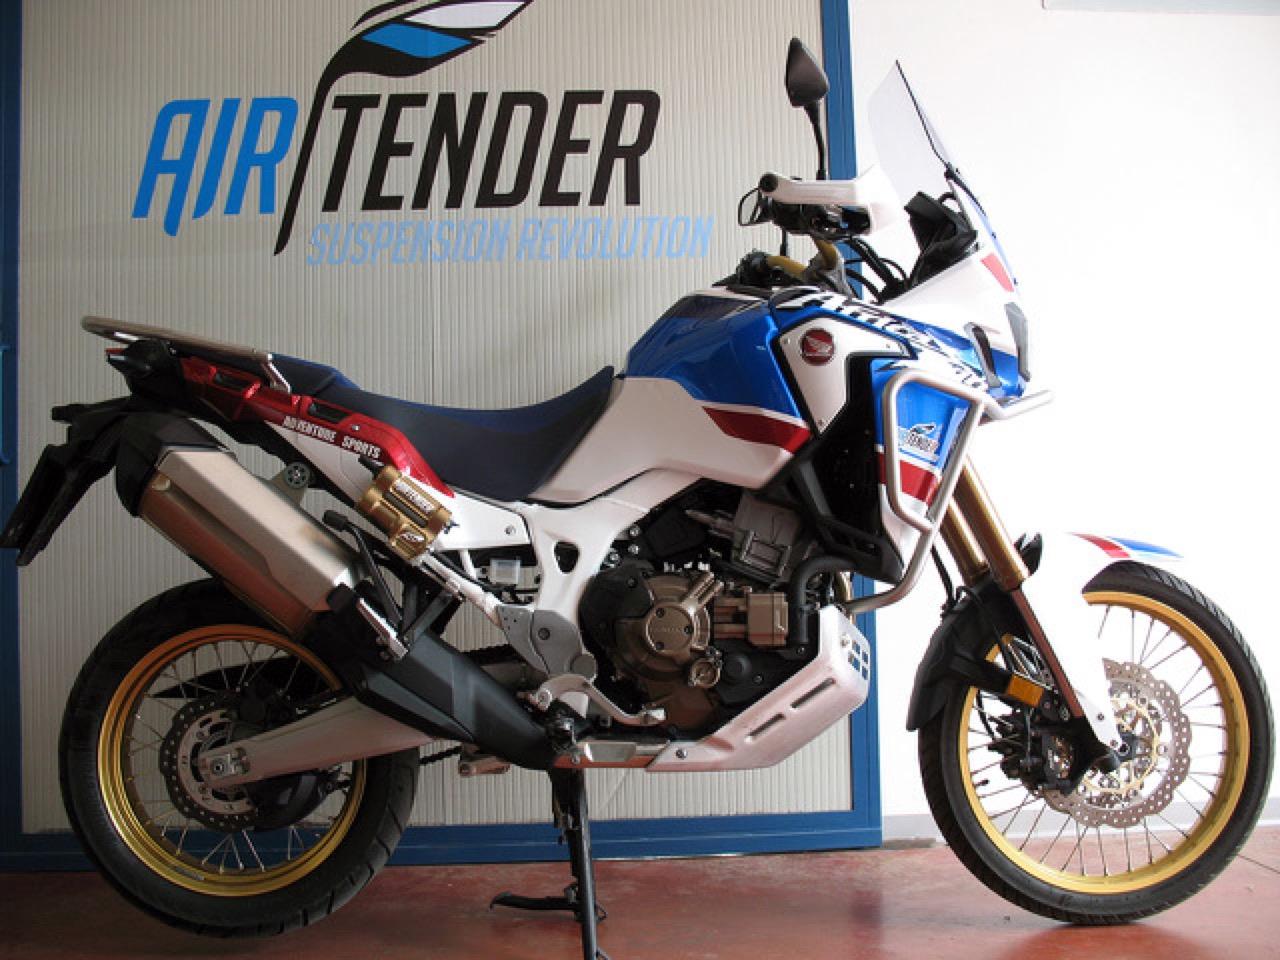 Honda Motor Europe Ltd. Italia e Umbria Kinetics s.r.l. - collaborazione su sospensione AirTender